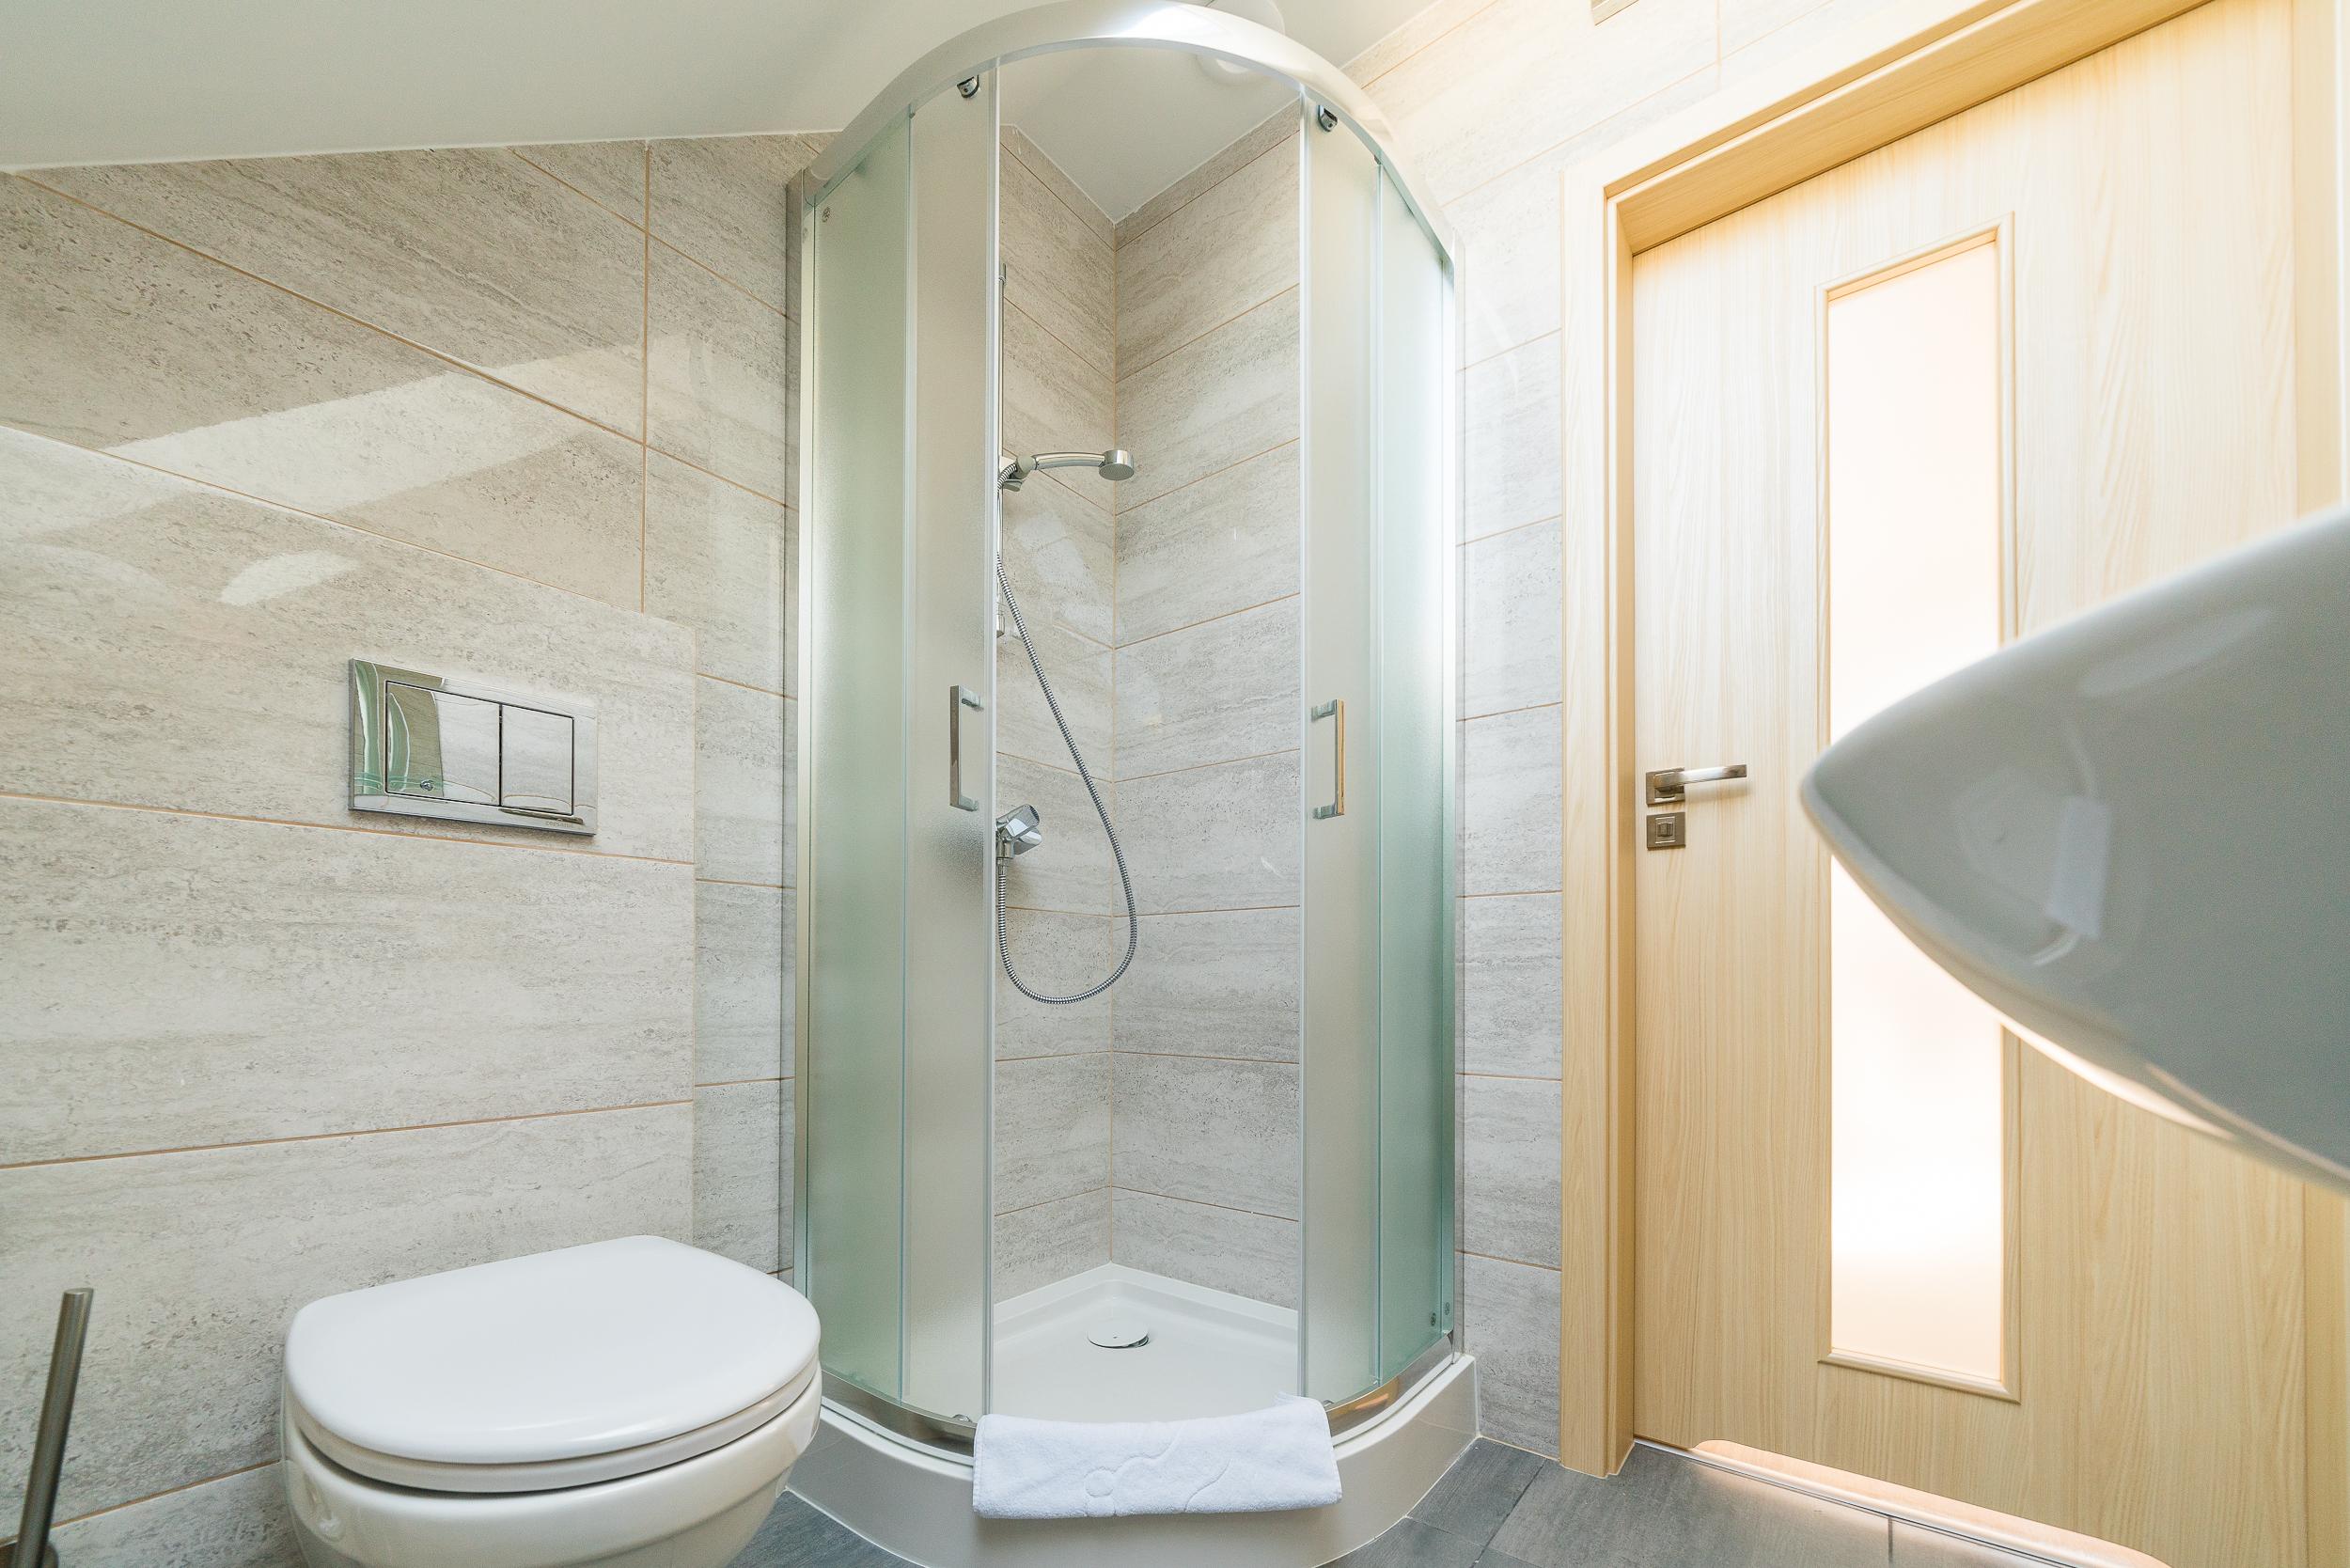 apartament z lazienka z prysznicem magnolia